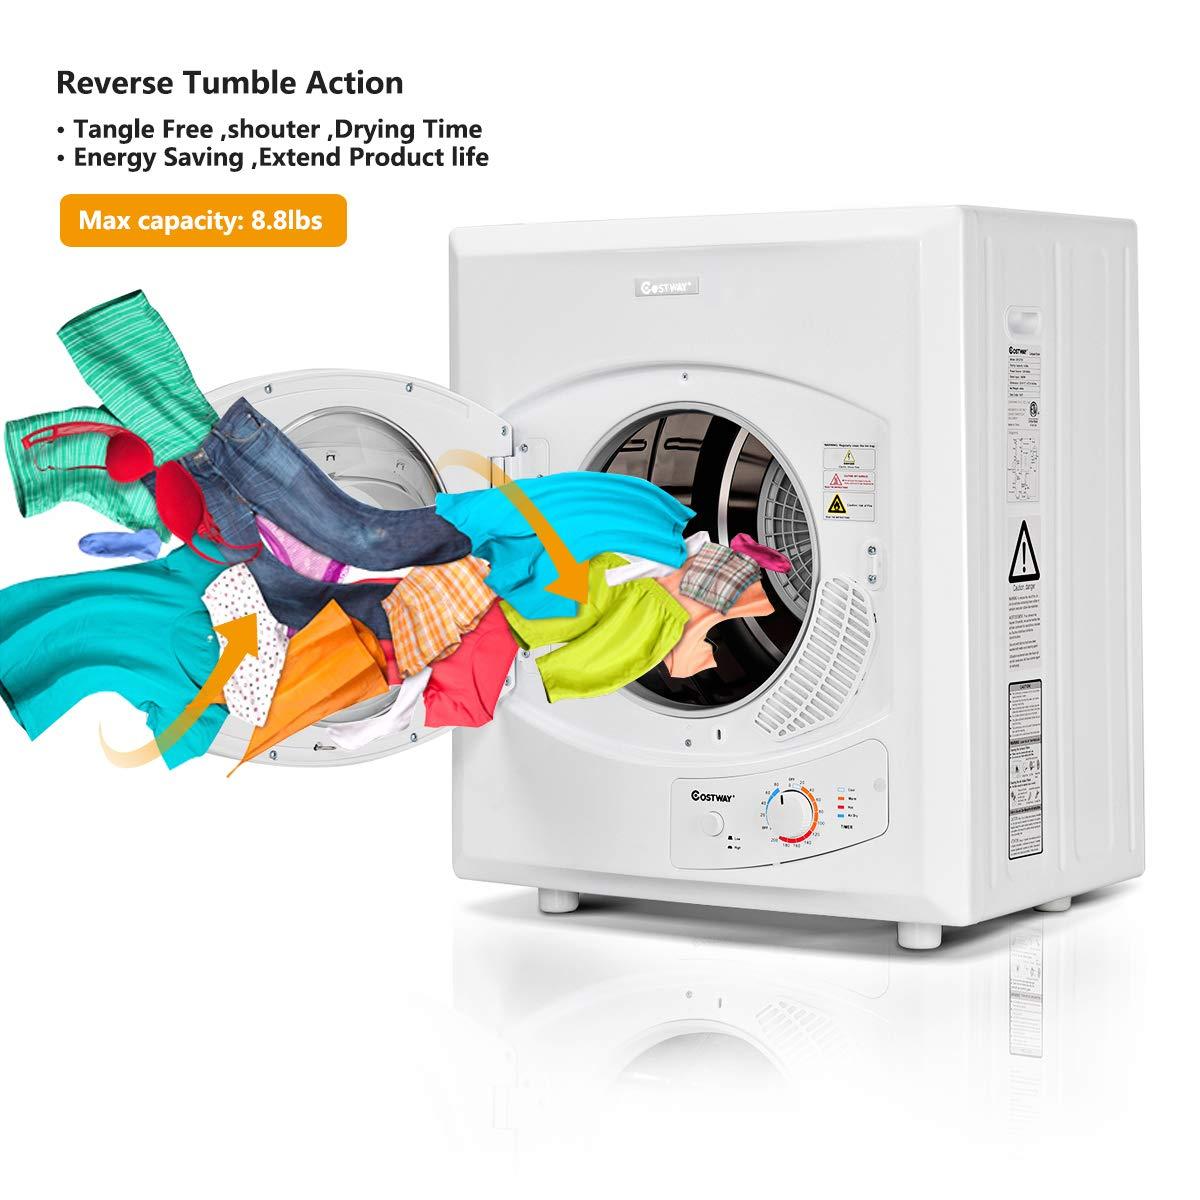 Amazon.com: Costway Secadora eléctrica compacta de acero ...